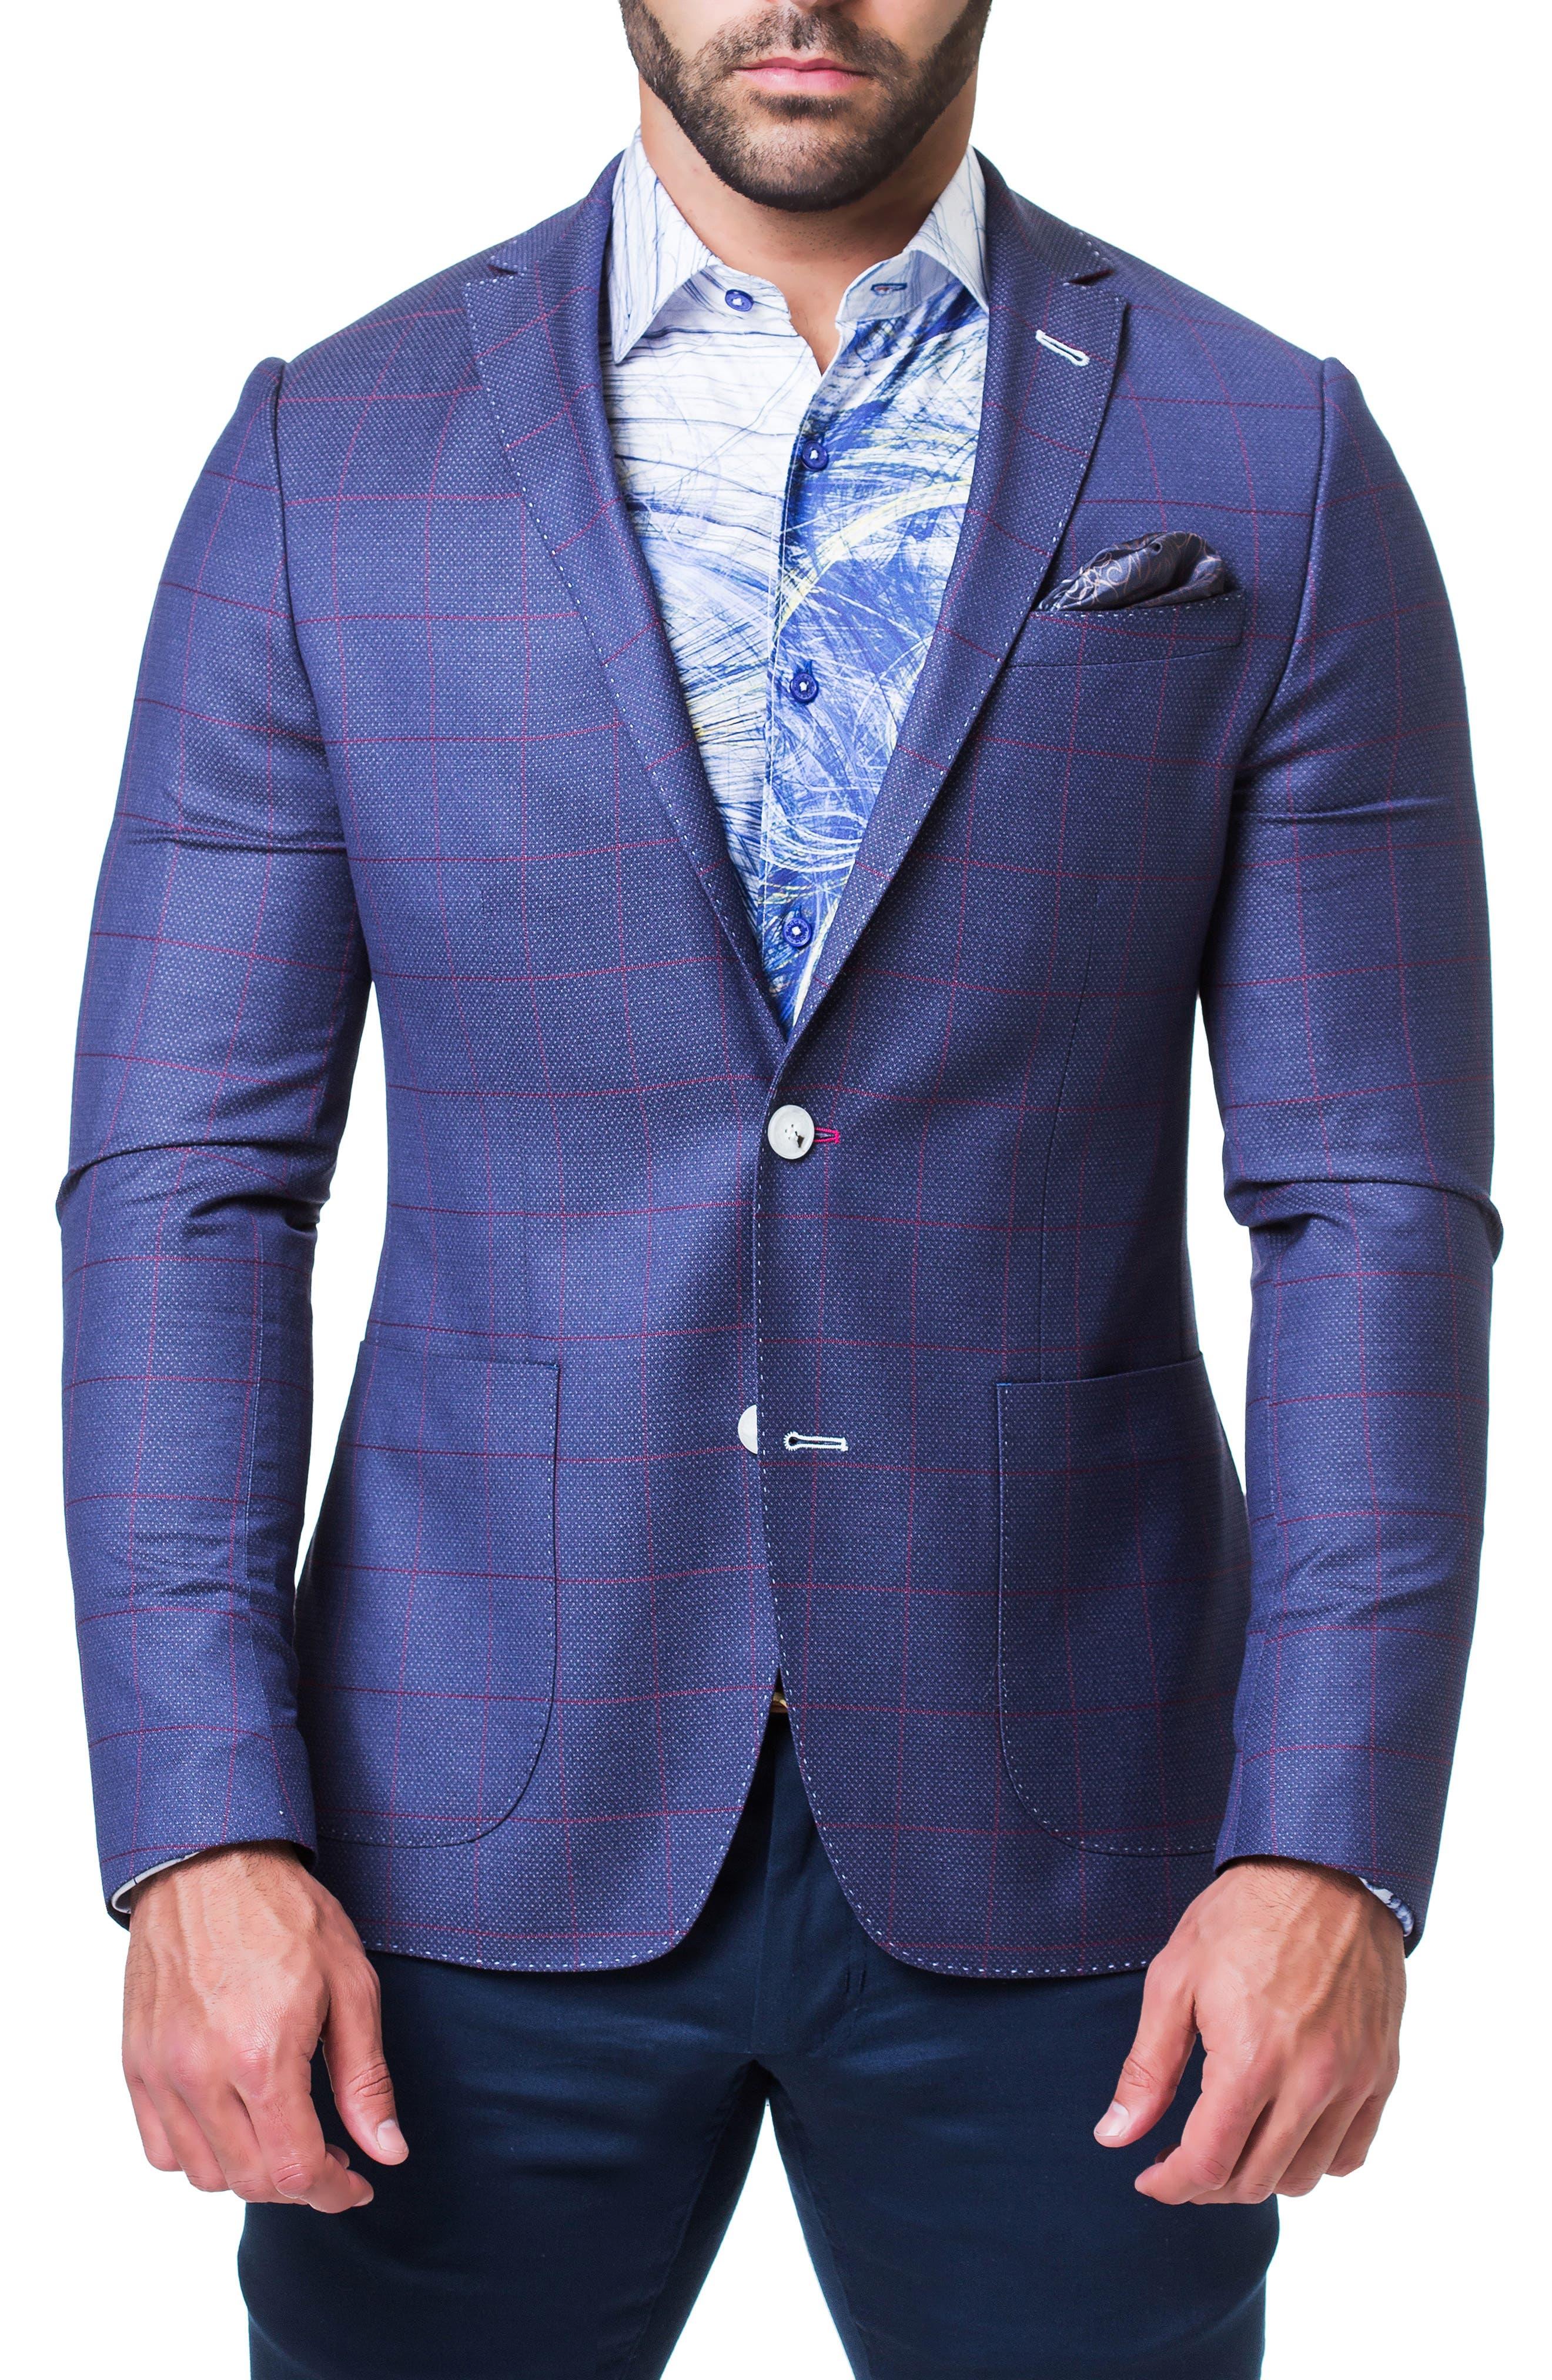 MACEOO Algebra Jail Windowpane Check Sport Coat in Blue